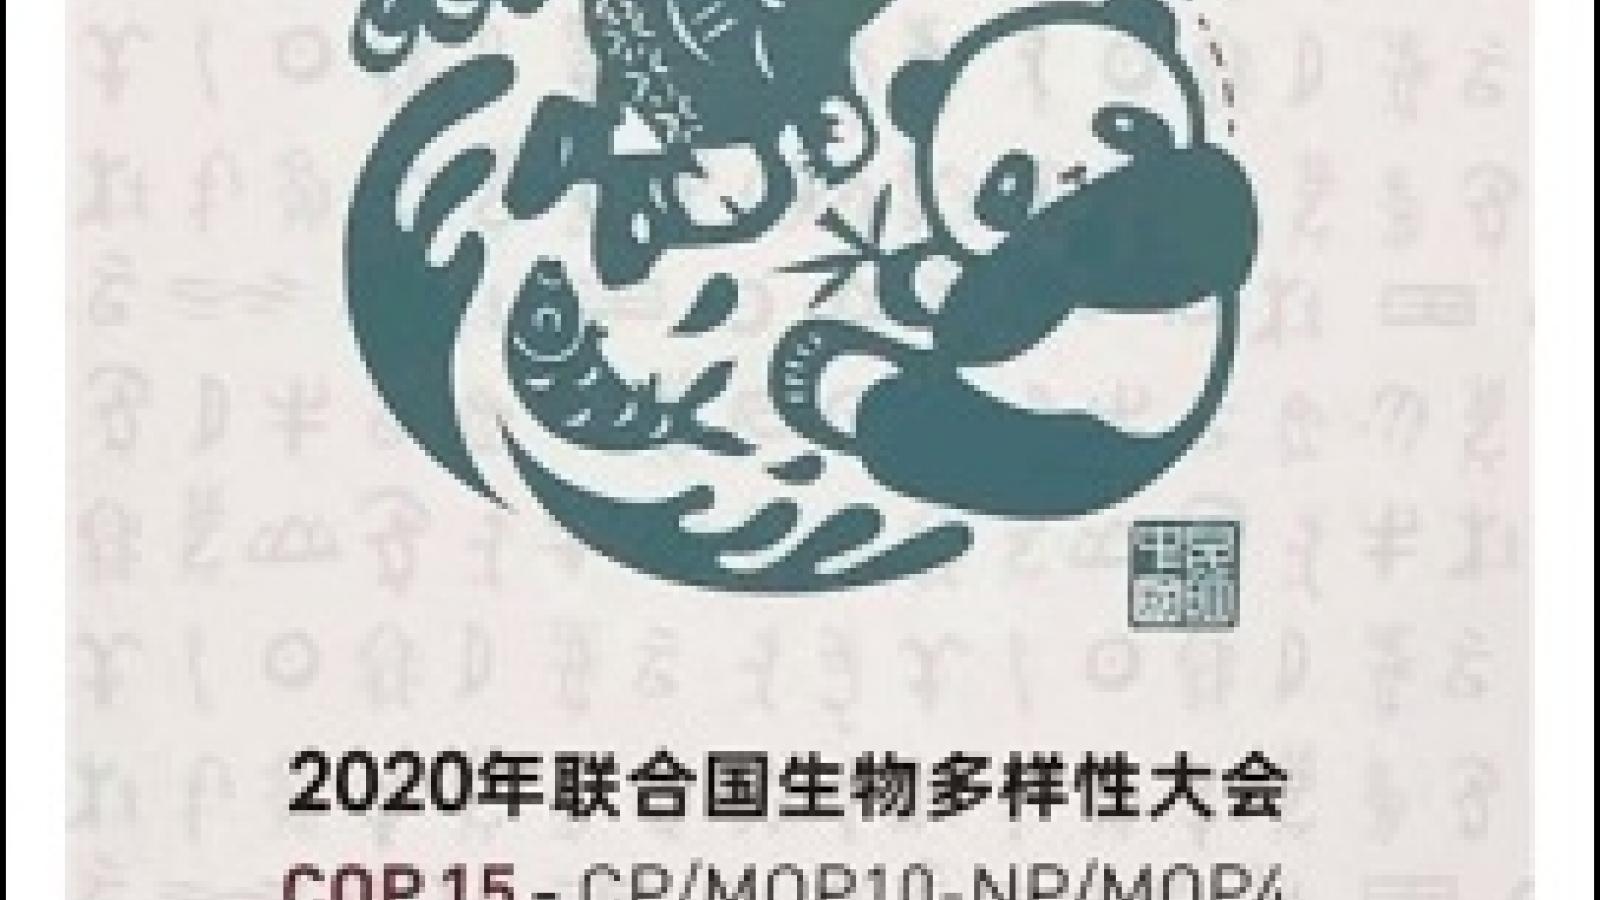 Hội nghị 15 các bên tham gia Công ước Đa dạng sinh học sắp tổ chức ở Côn Minh (Trung Quốc)